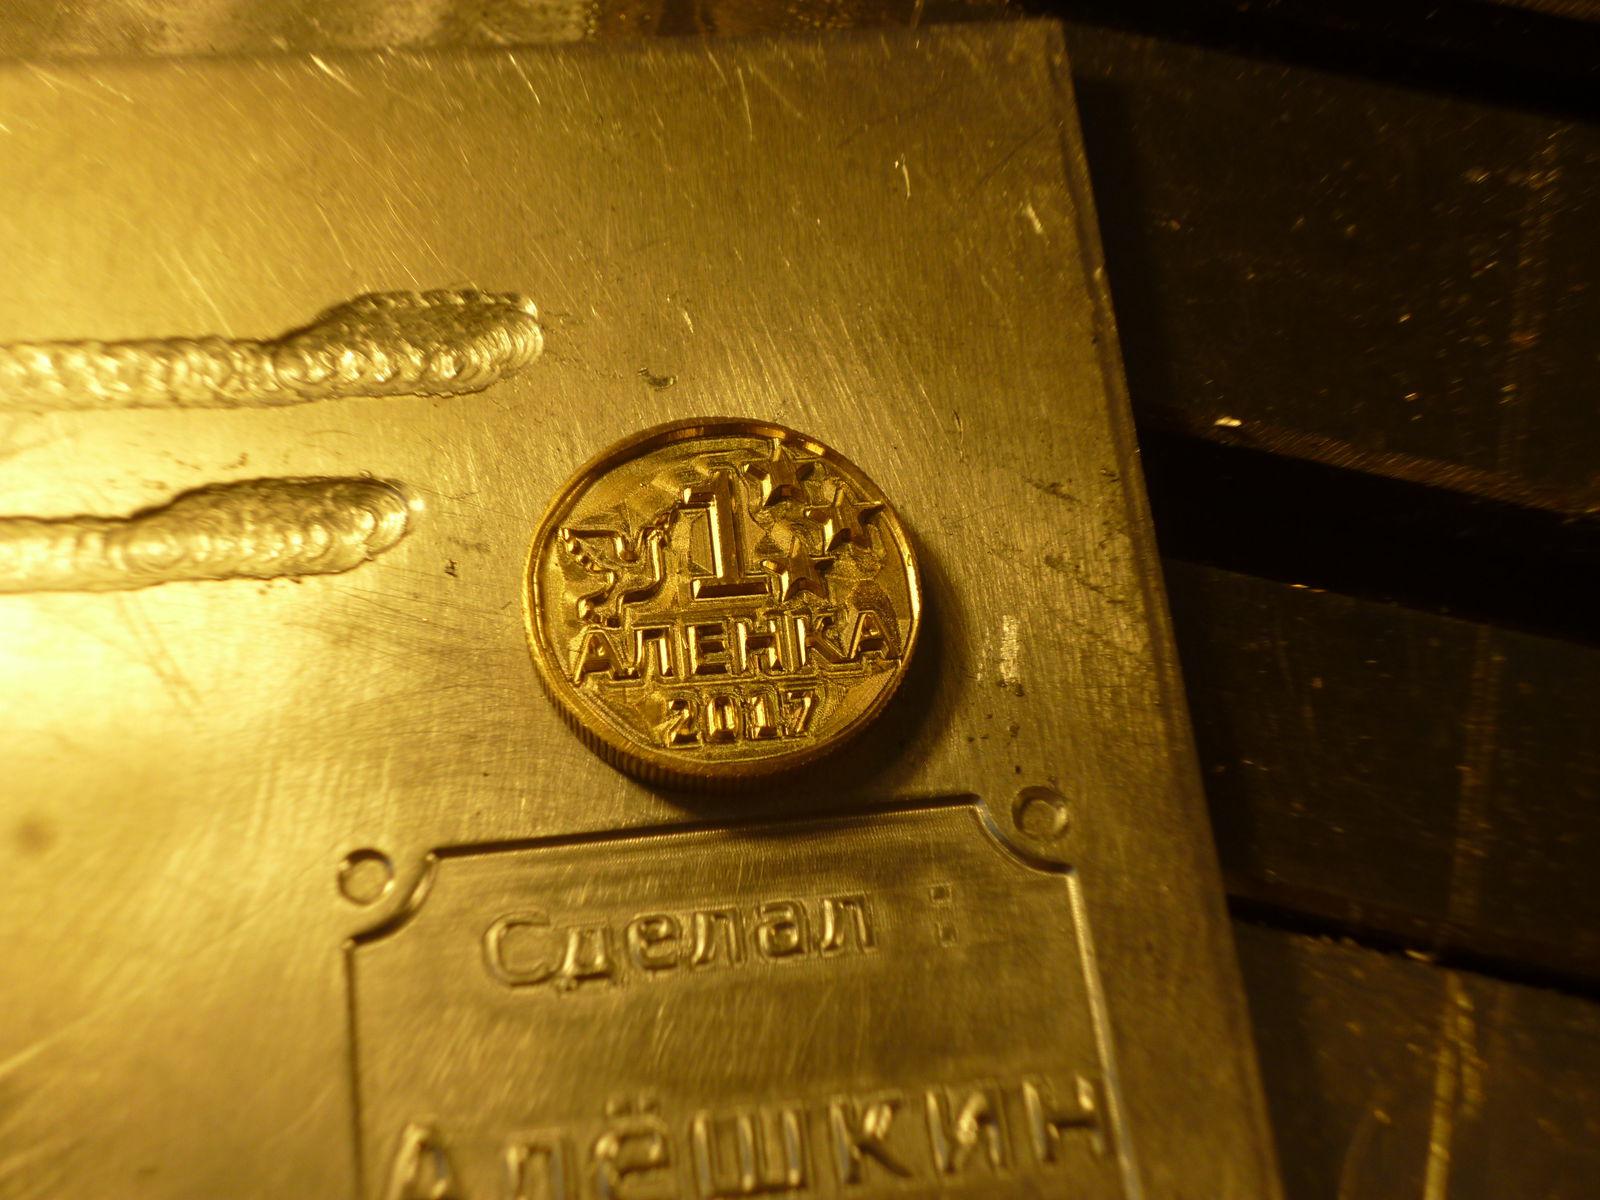 Моя первая монетка